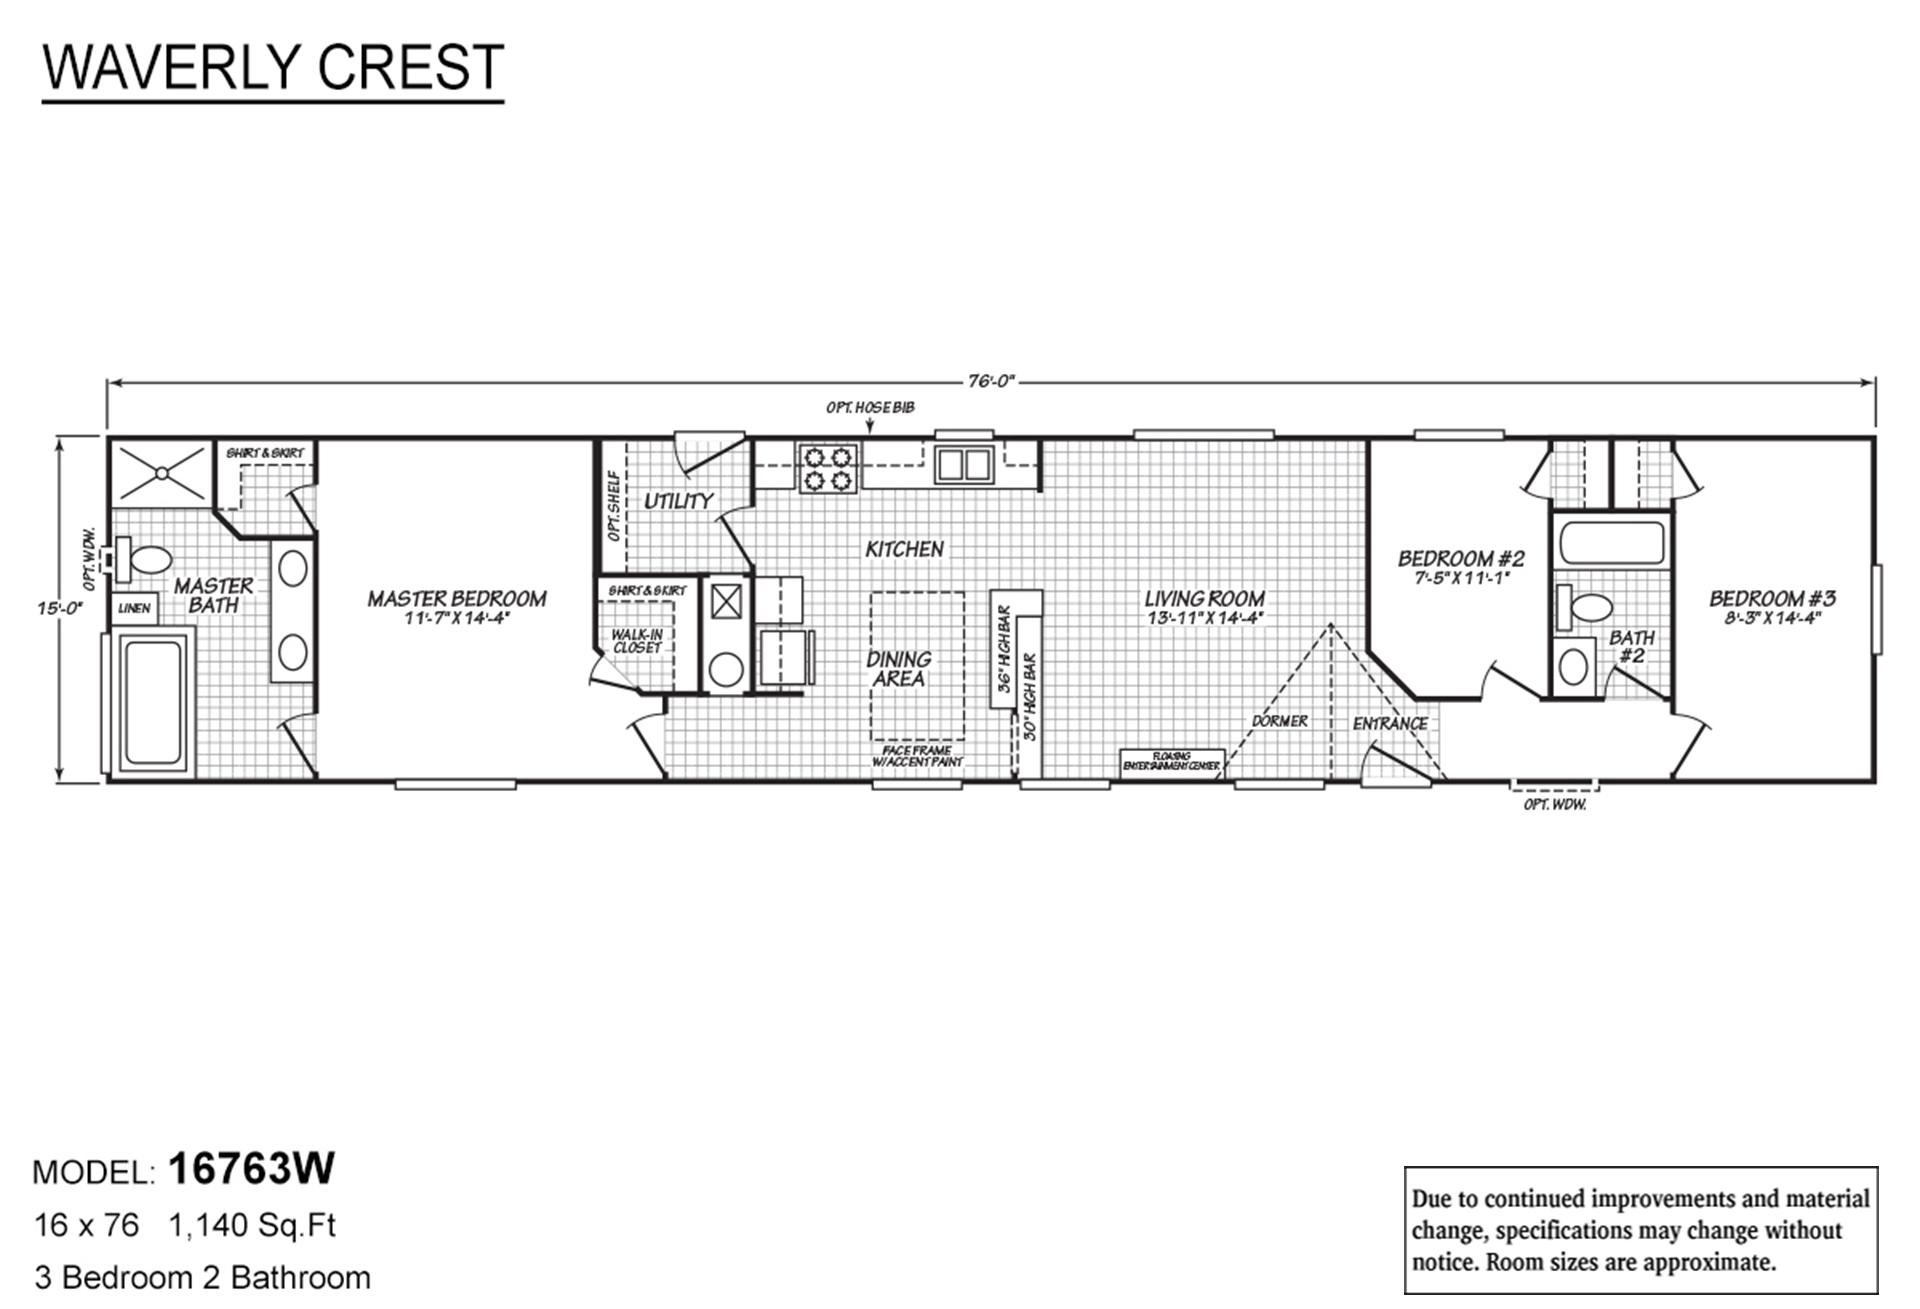 Waverly Crest 16763W Layout